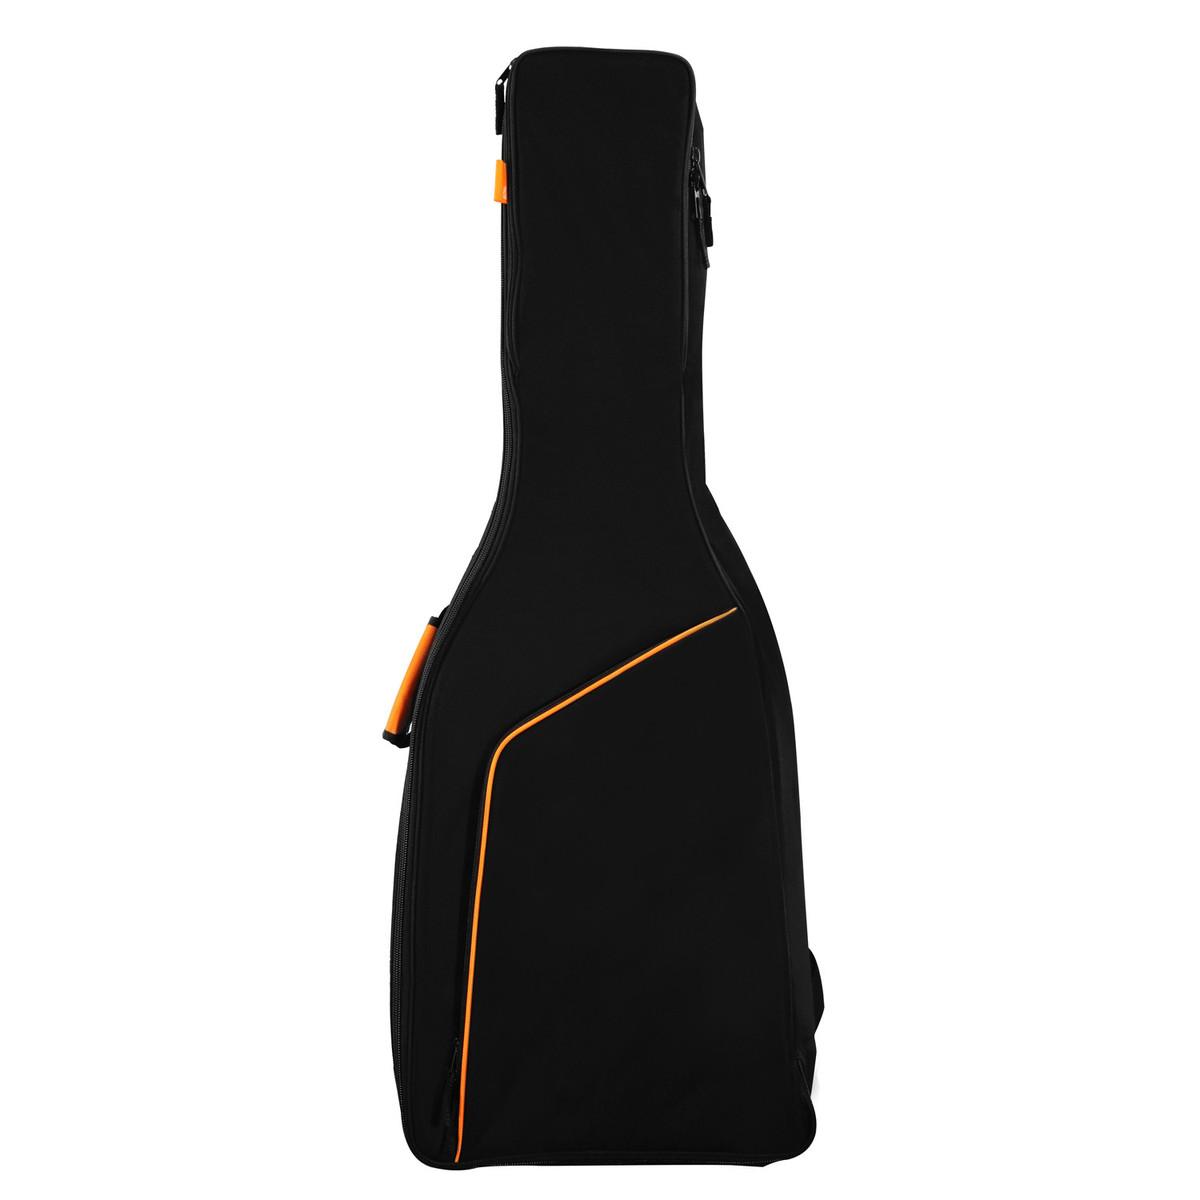 housse de guitare basse pour le arm1200 ashton. Black Bedroom Furniture Sets. Home Design Ideas